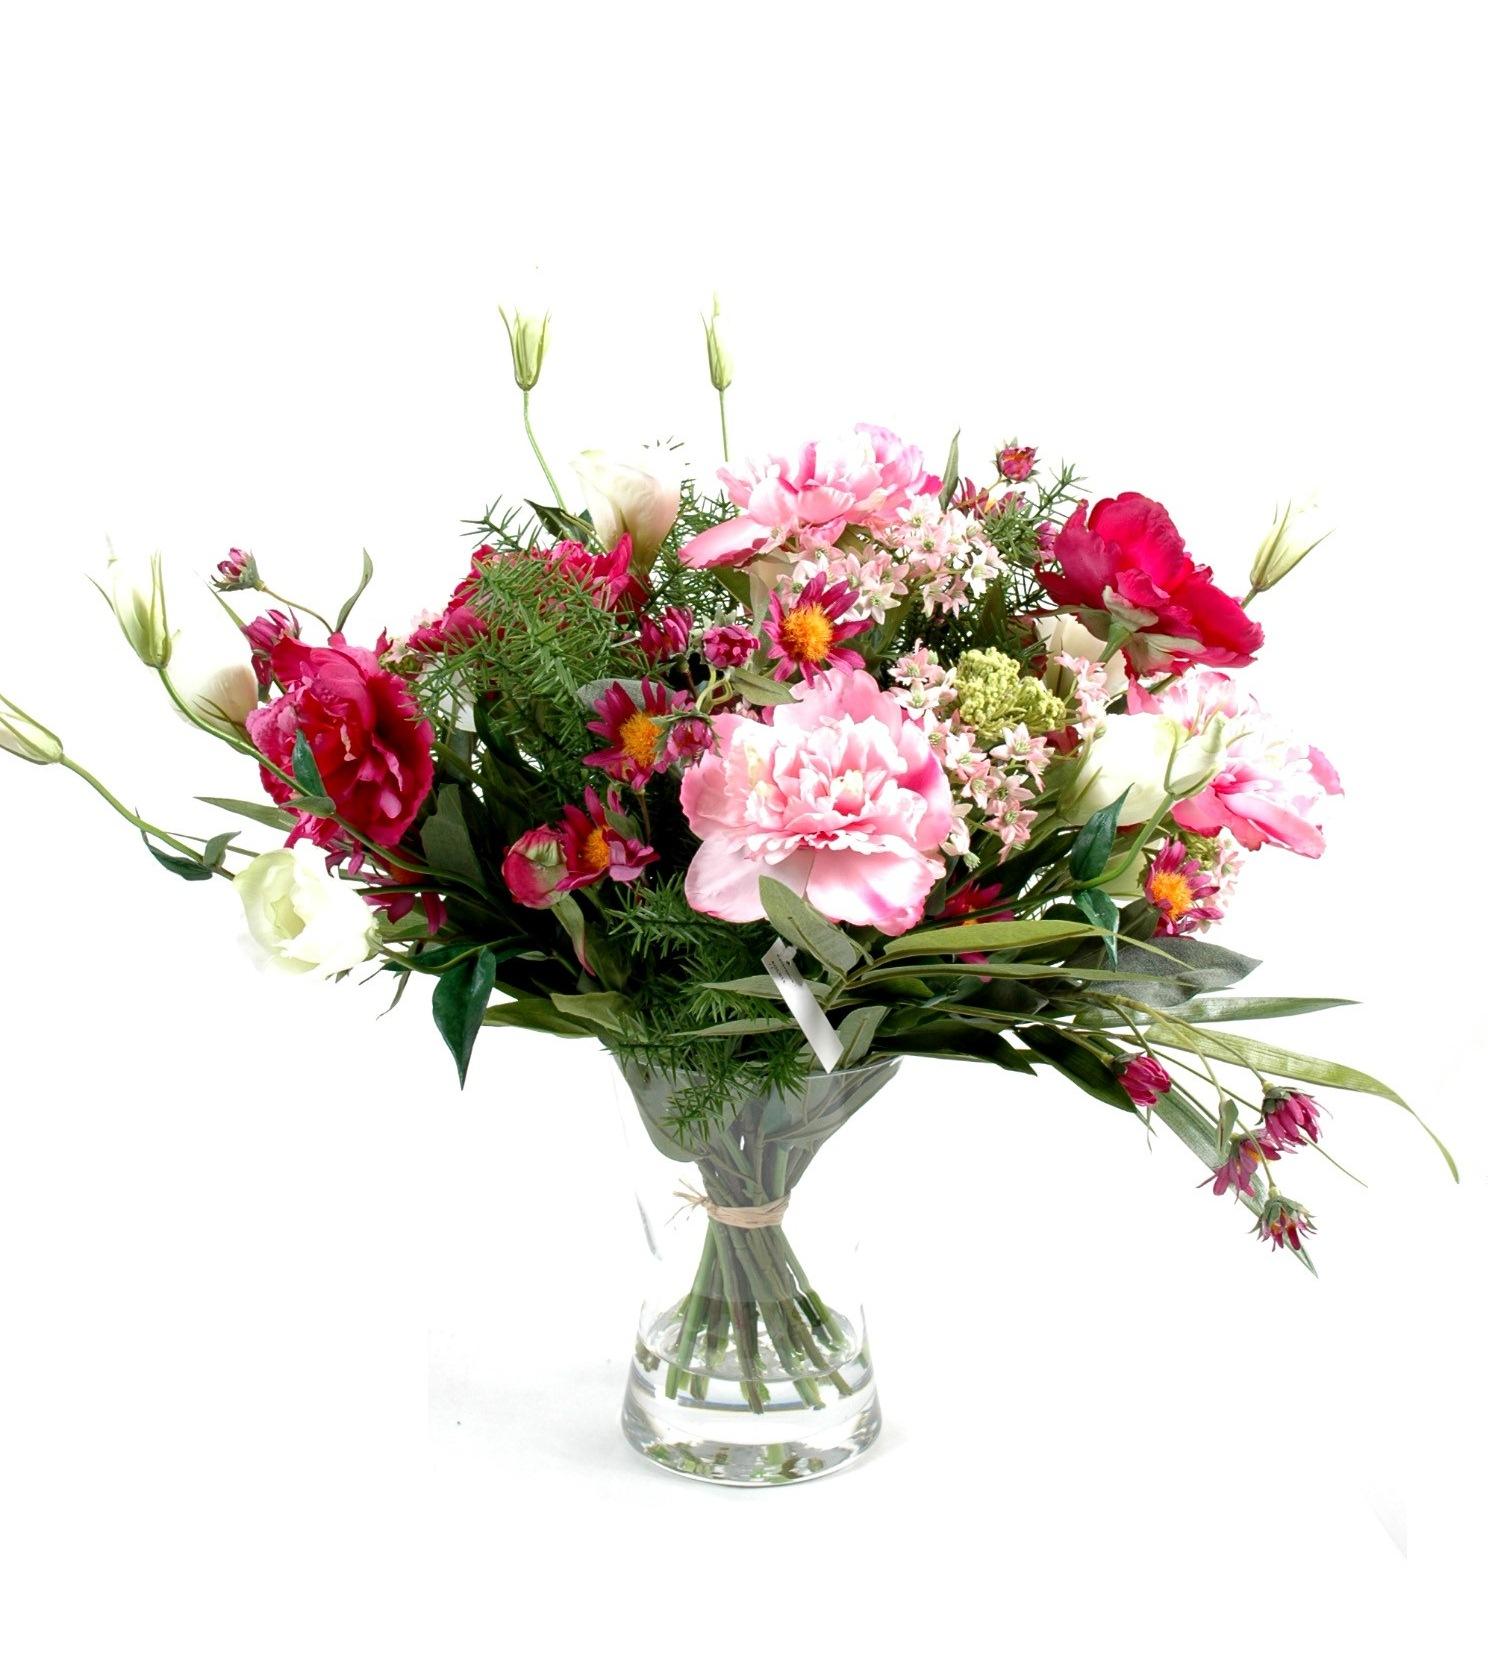 vase illusion d 39 eau fleurs artificielles m lang es luxe. Black Bedroom Furniture Sets. Home Design Ideas